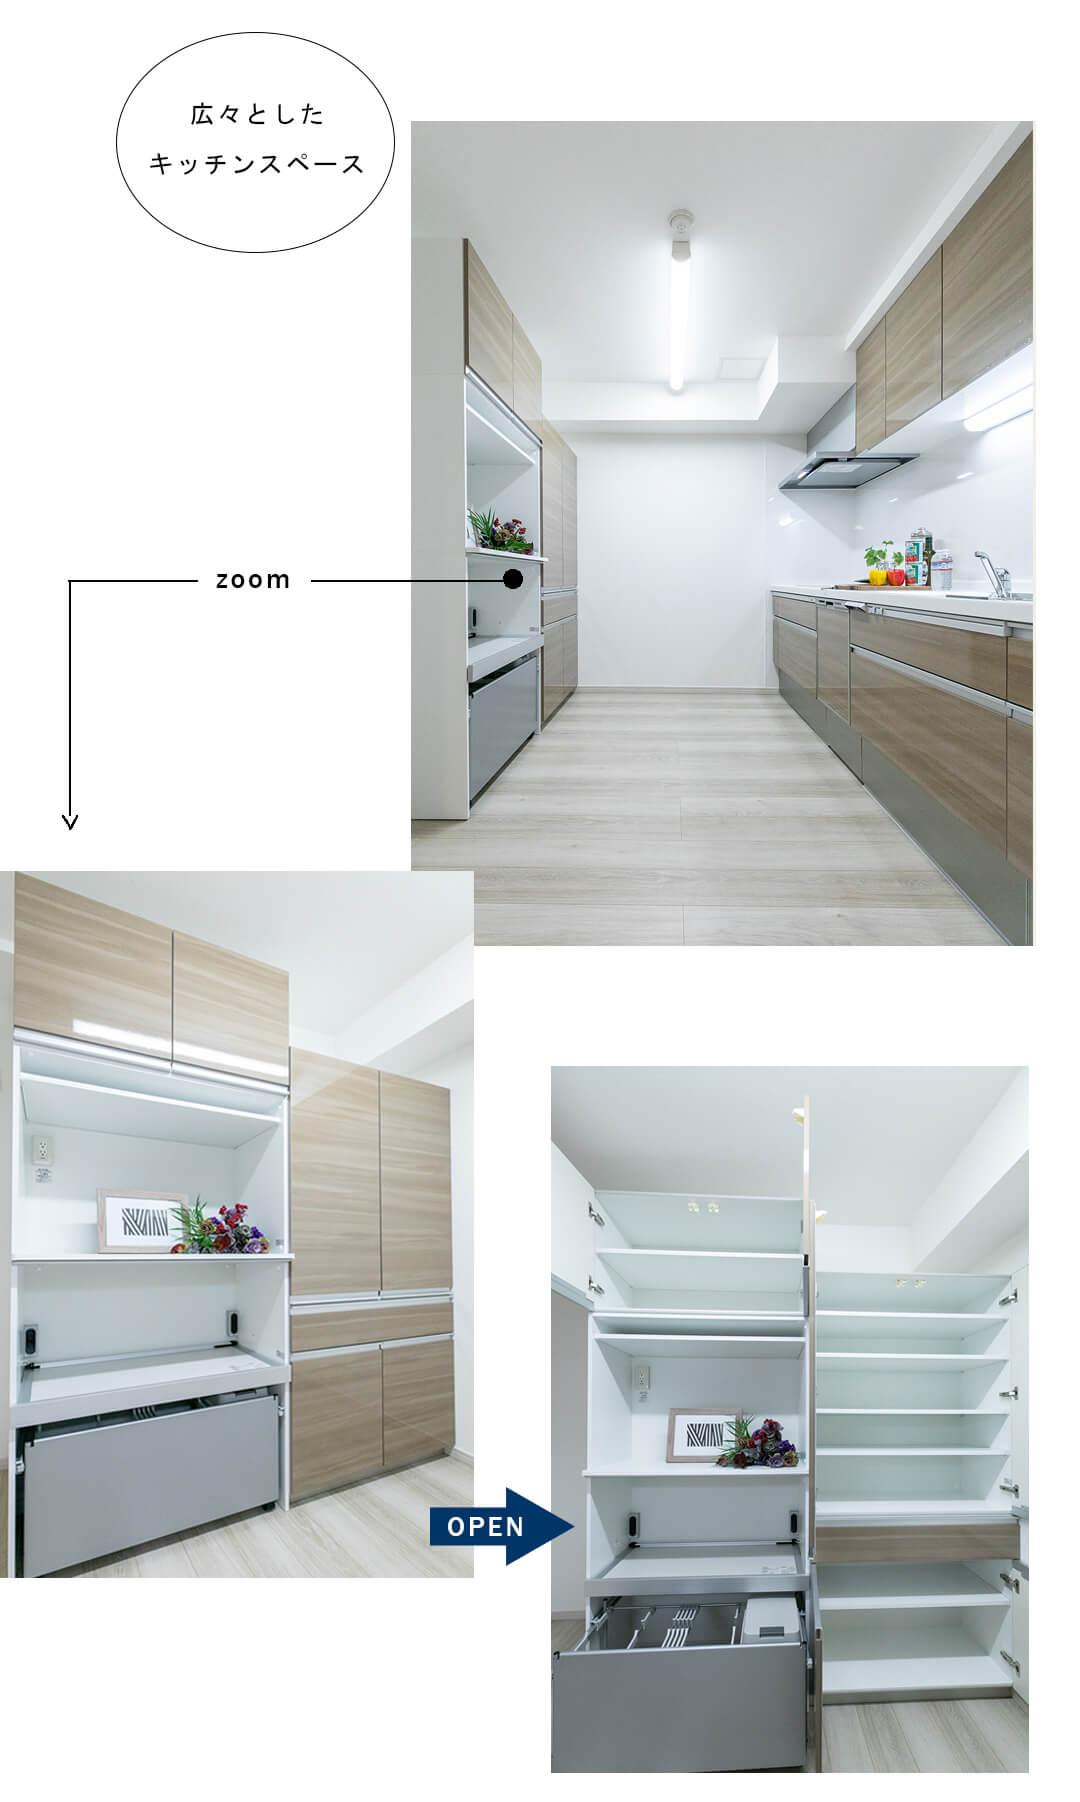 グランドステージ初台 902のキッチン